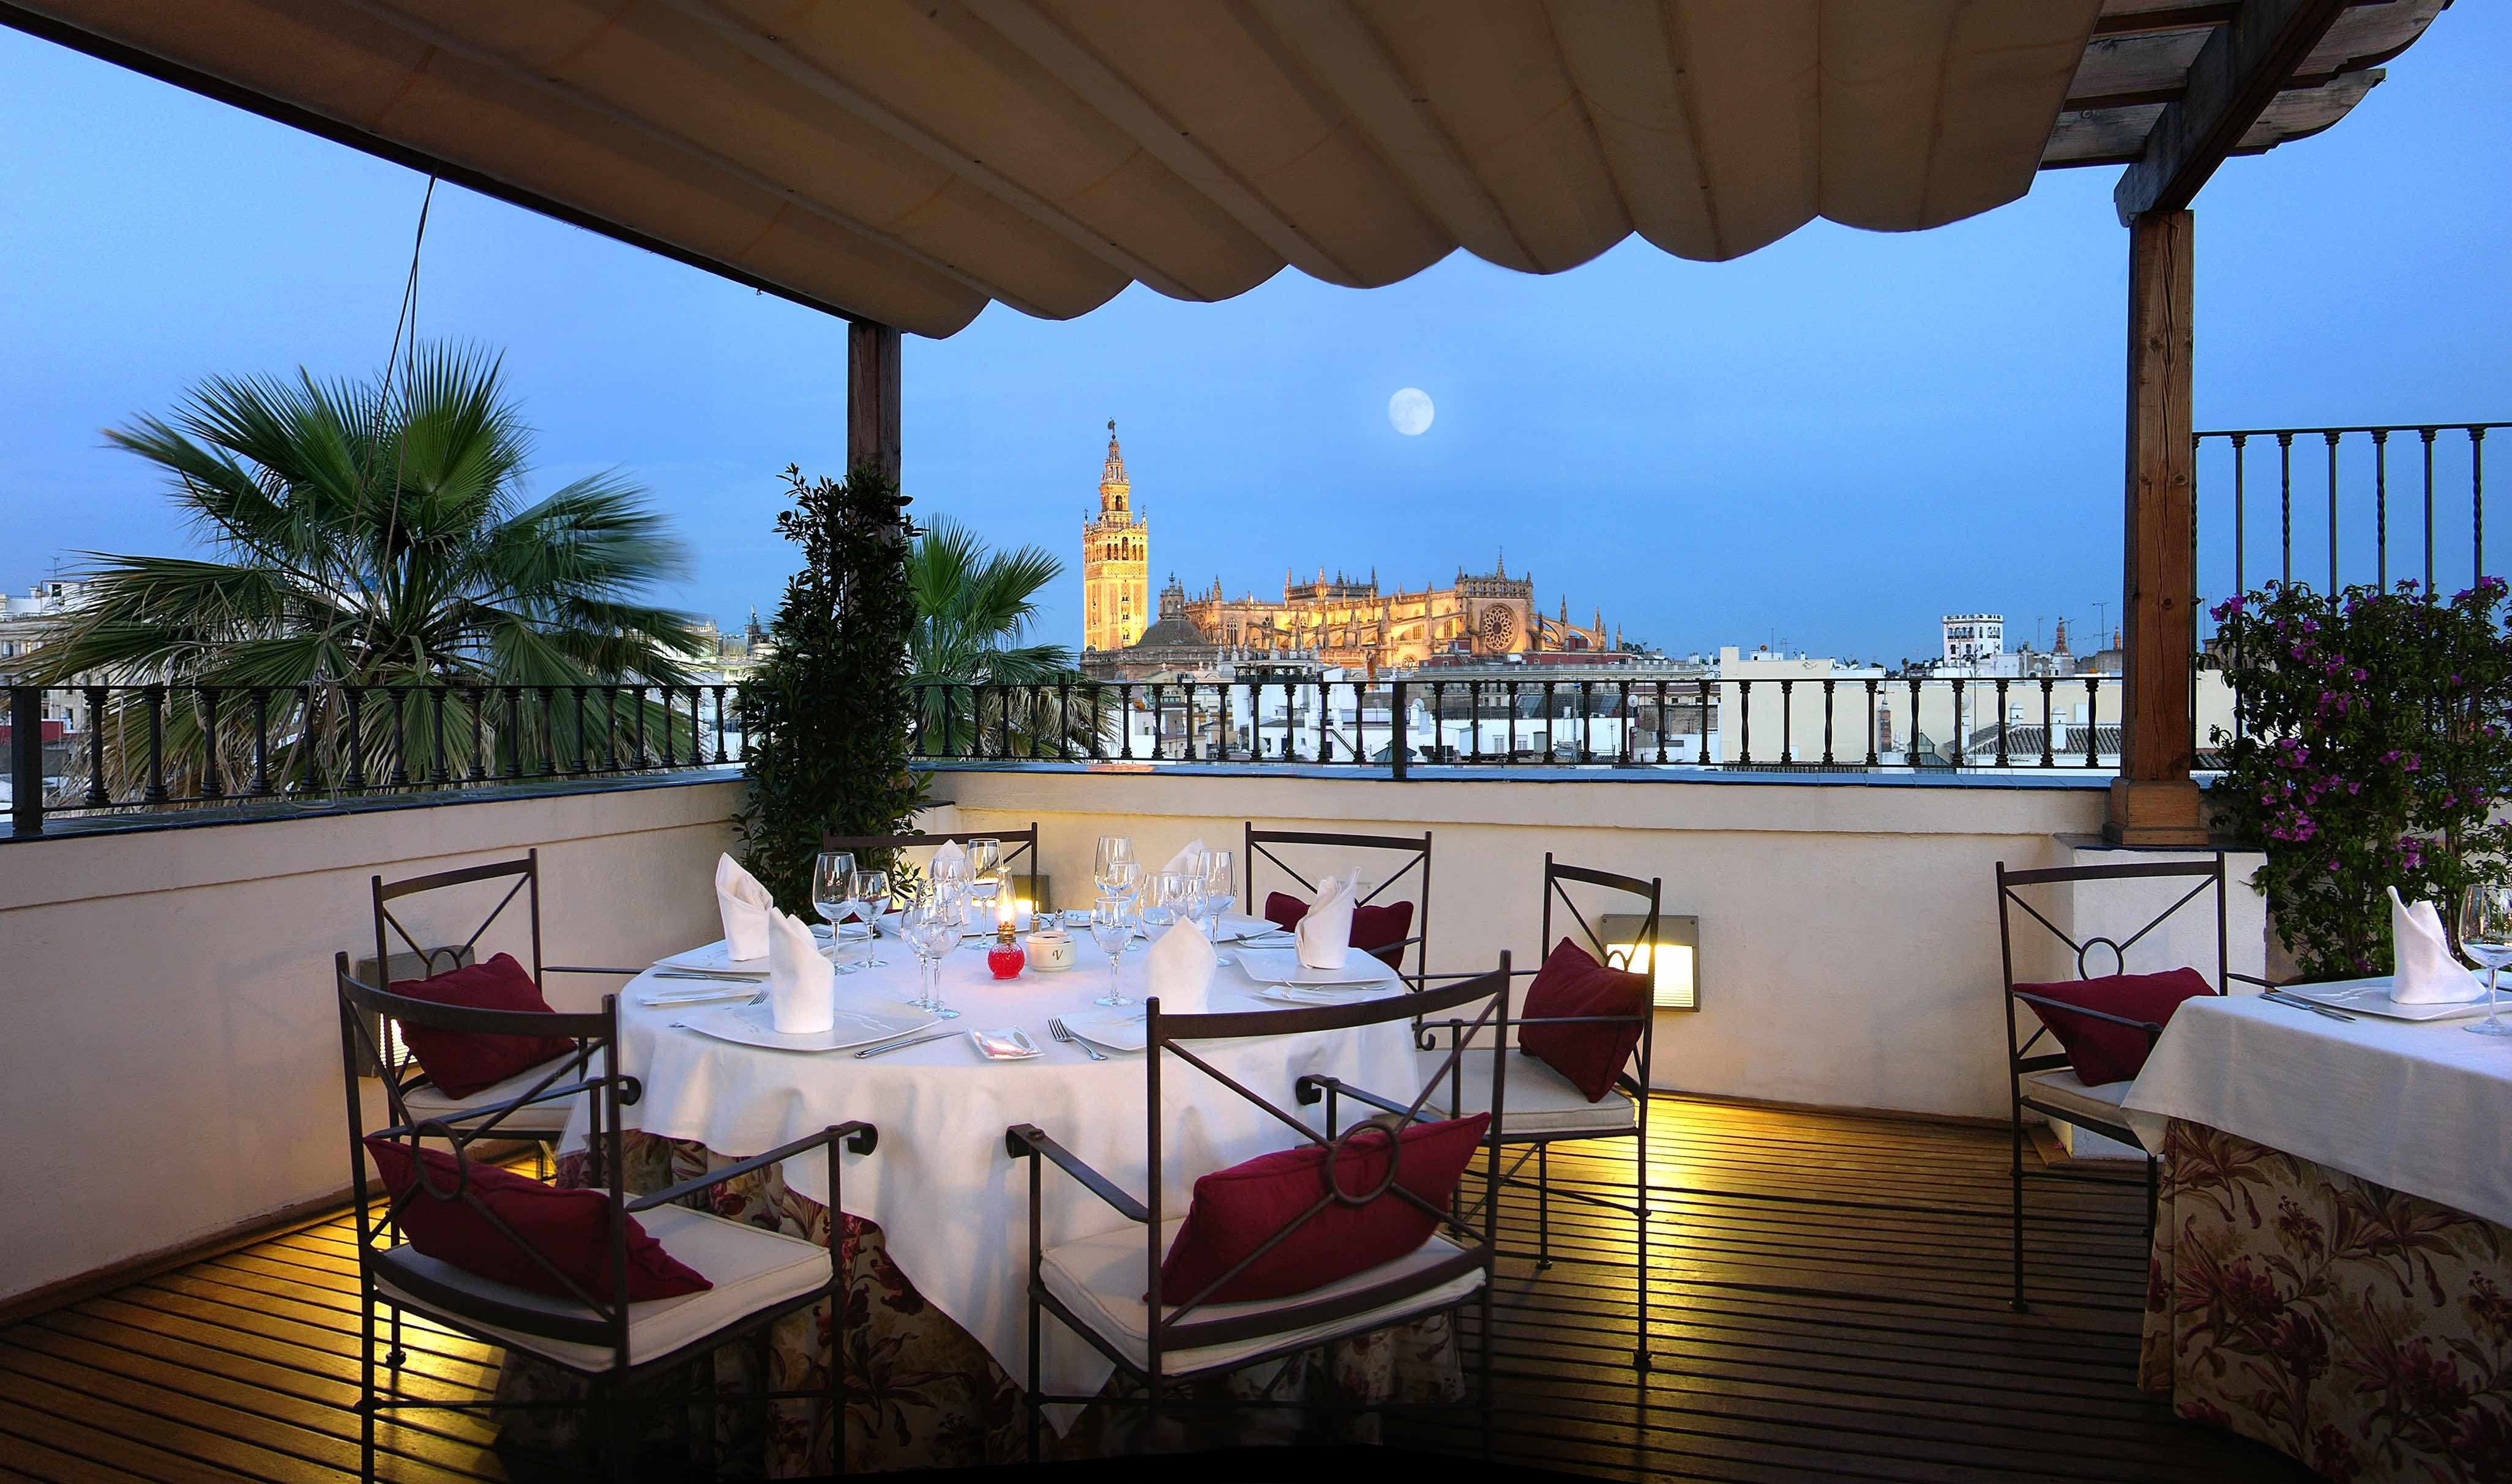 Vincci hoteles inaugura sus terrazas desde las alturas for Terraza significado